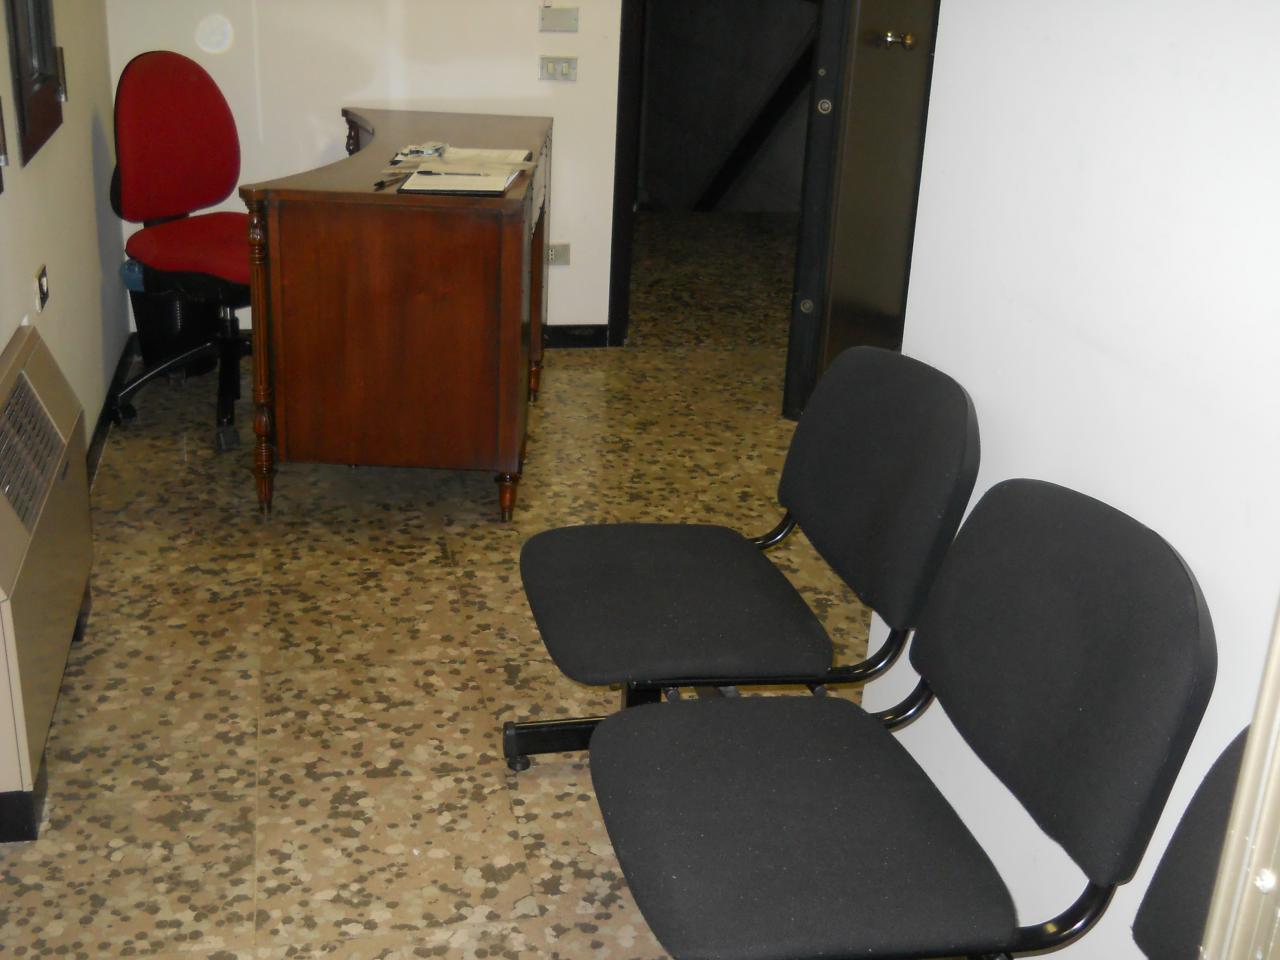 Ufficio / Studio in affitto a Faenza, 9999 locali, zona Località: Stazione, prezzo € 500 | Cambio Casa.it